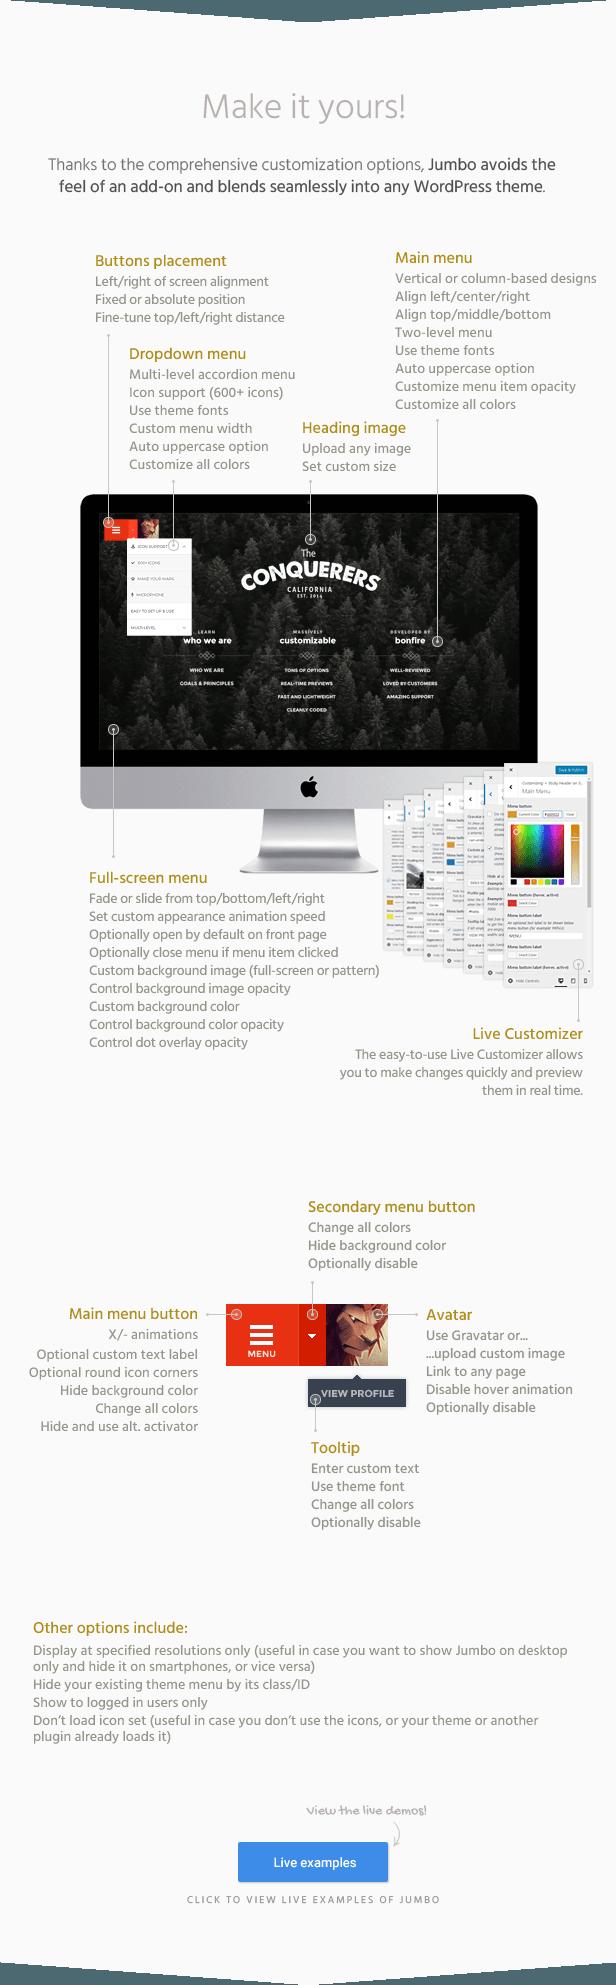 jumbo3 - Jumbo: A 3-in-1 full-screen menu for WordPress